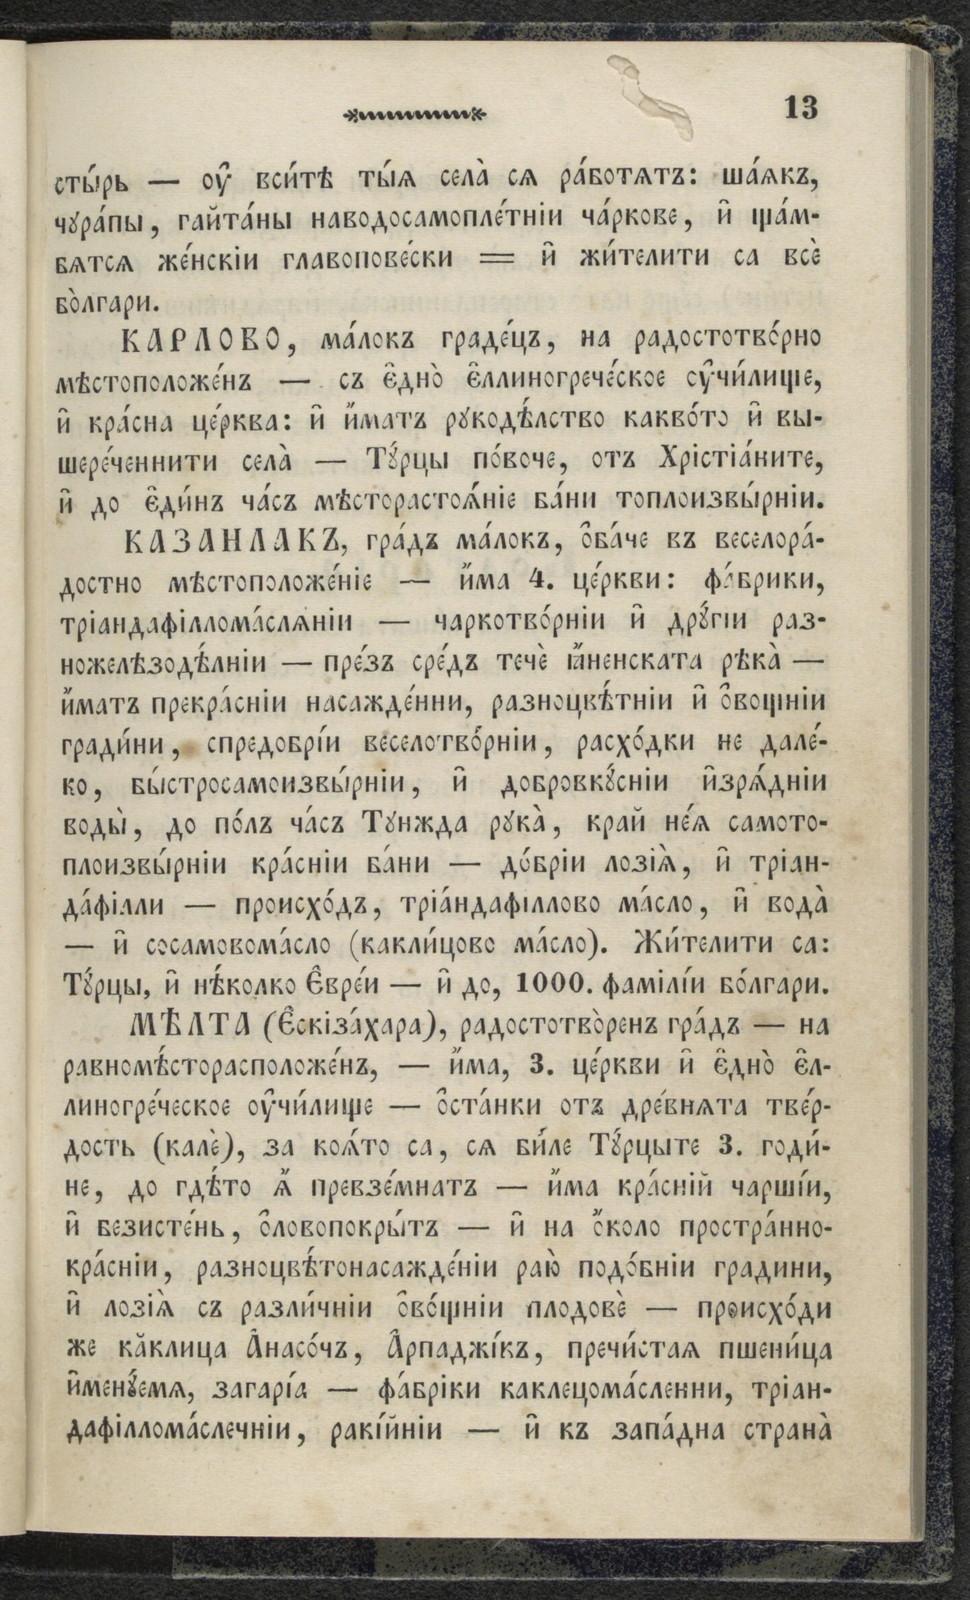 Kratkoe politicheskoe zemleopisanie za obuchenie na bolgarskoto mladenchestvo [Brief Political Geography for the Instruction of Bulgarian Youth]